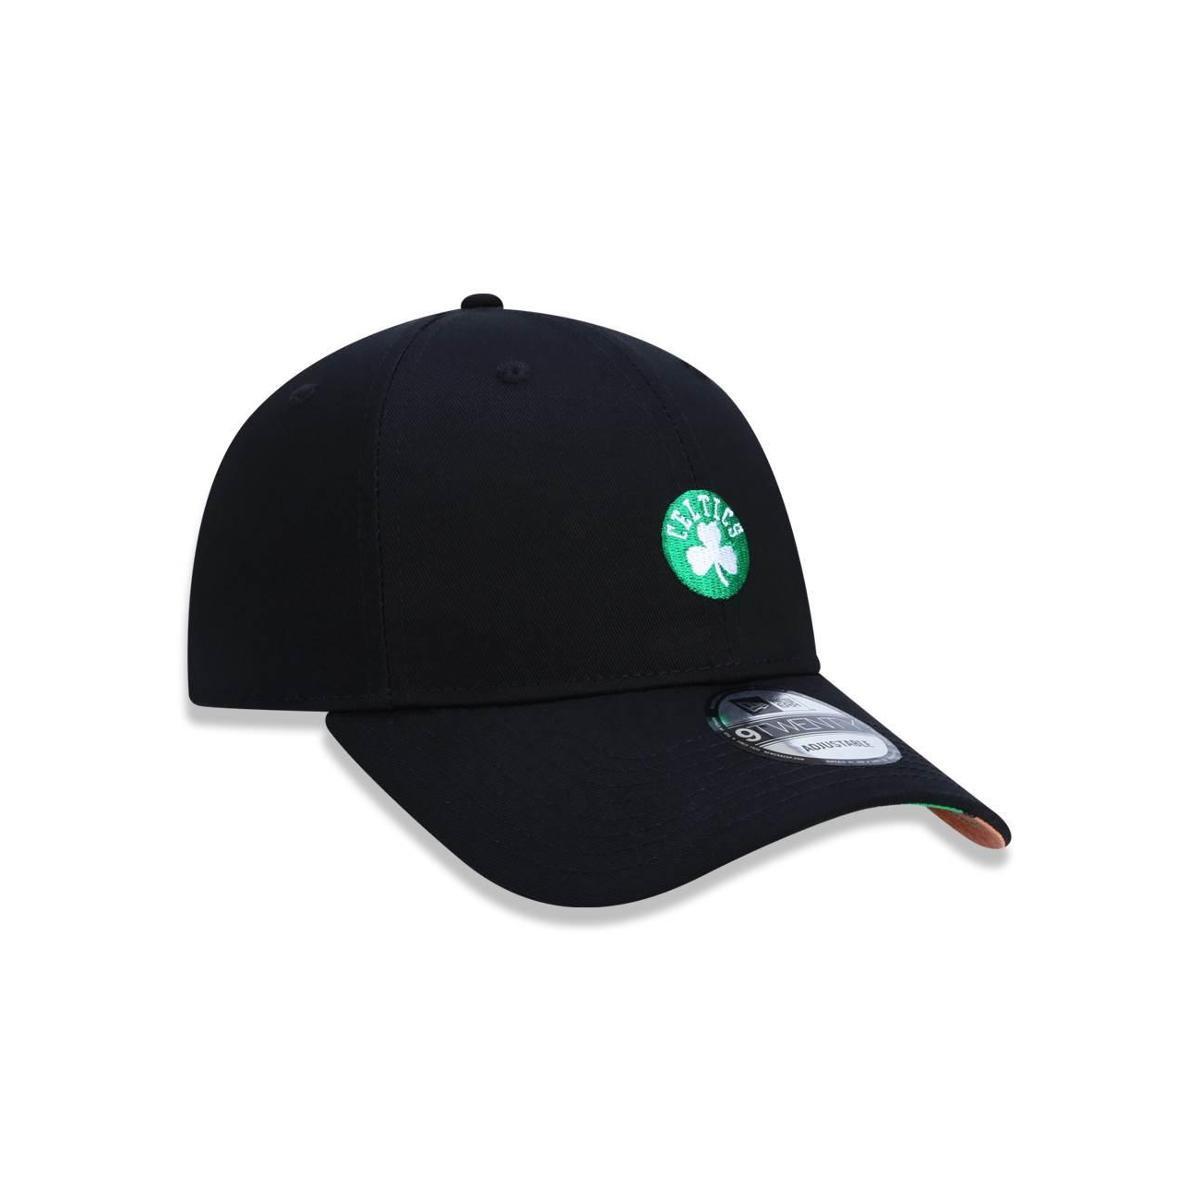 Boné 920 Boston Celtics NBA Aba Curva Strapback New Era - Preto ... c4c81ccc512